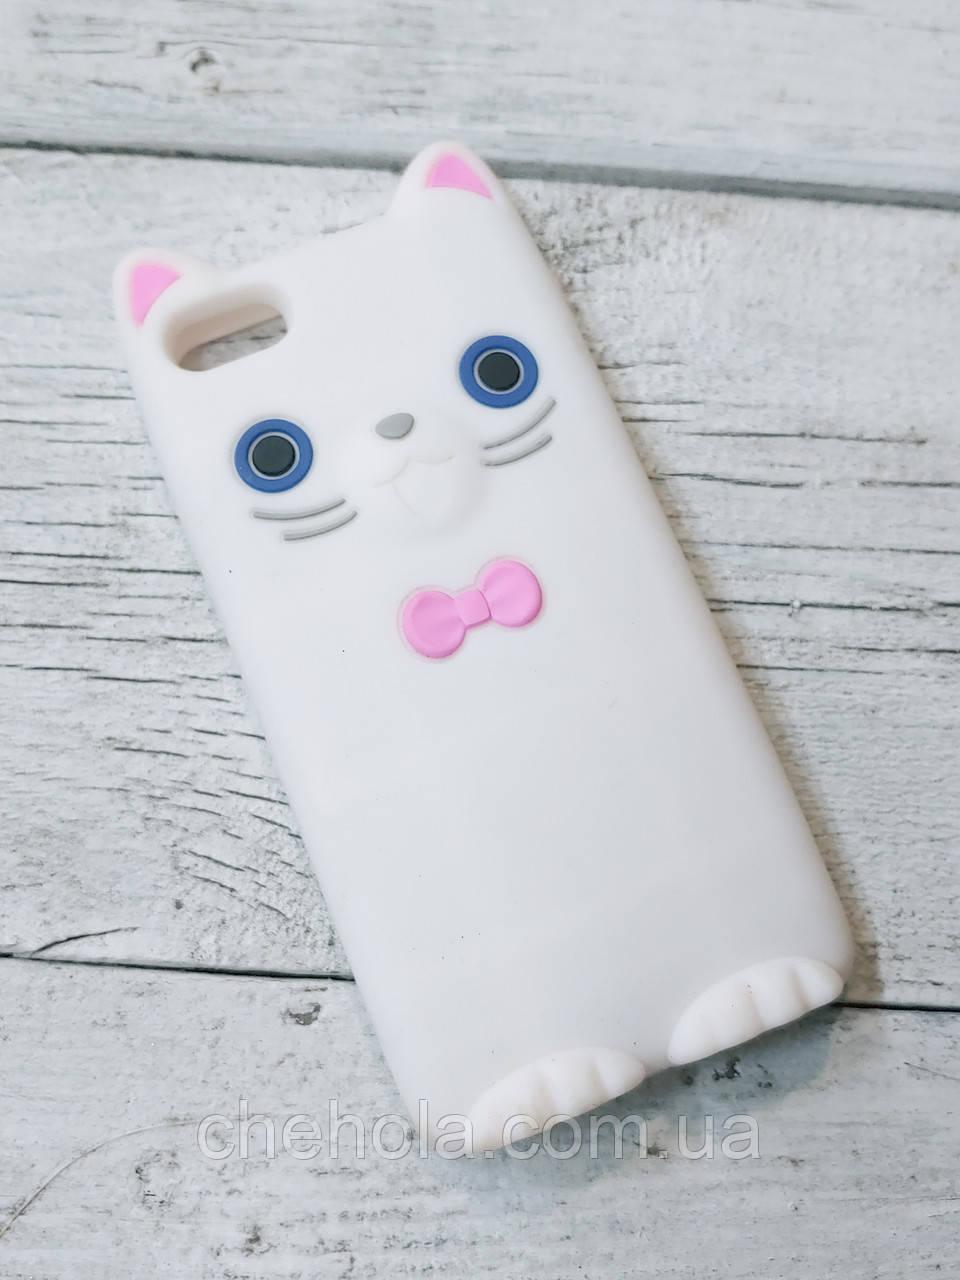 Противоударный силиконовый Чехол Котенок для iPhone 5 5S SE Koko Cat  Белый